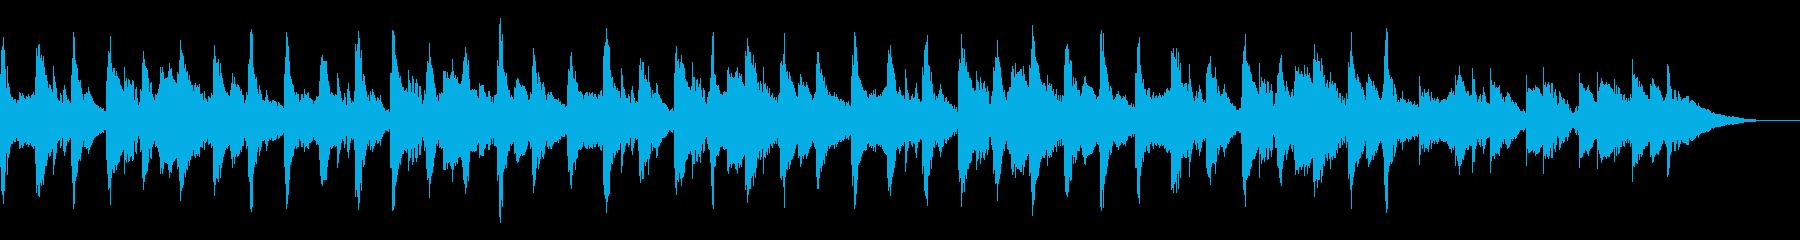 マリンバが鳴るクラシカルなアンビエントの再生済みの波形